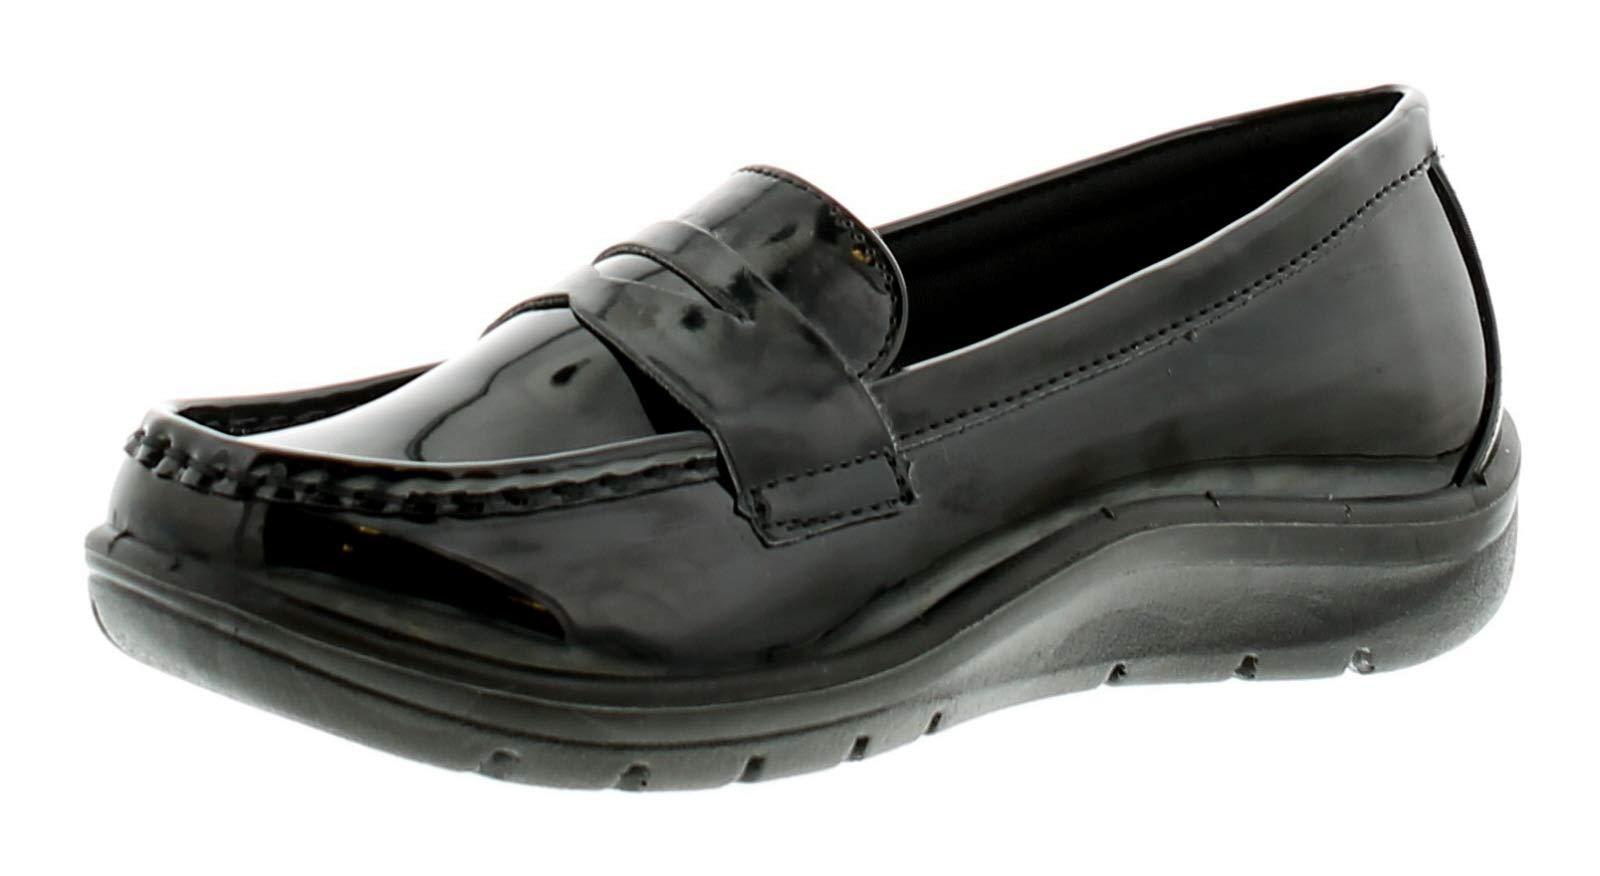 Femmes À Enfiler Verni Mocassin Style Chaussure Avec Légère Compensé Semelle Épais Durable Parfait Pour L'ecole, Travail Ou Collège - Noir Tailles Uk 3-8